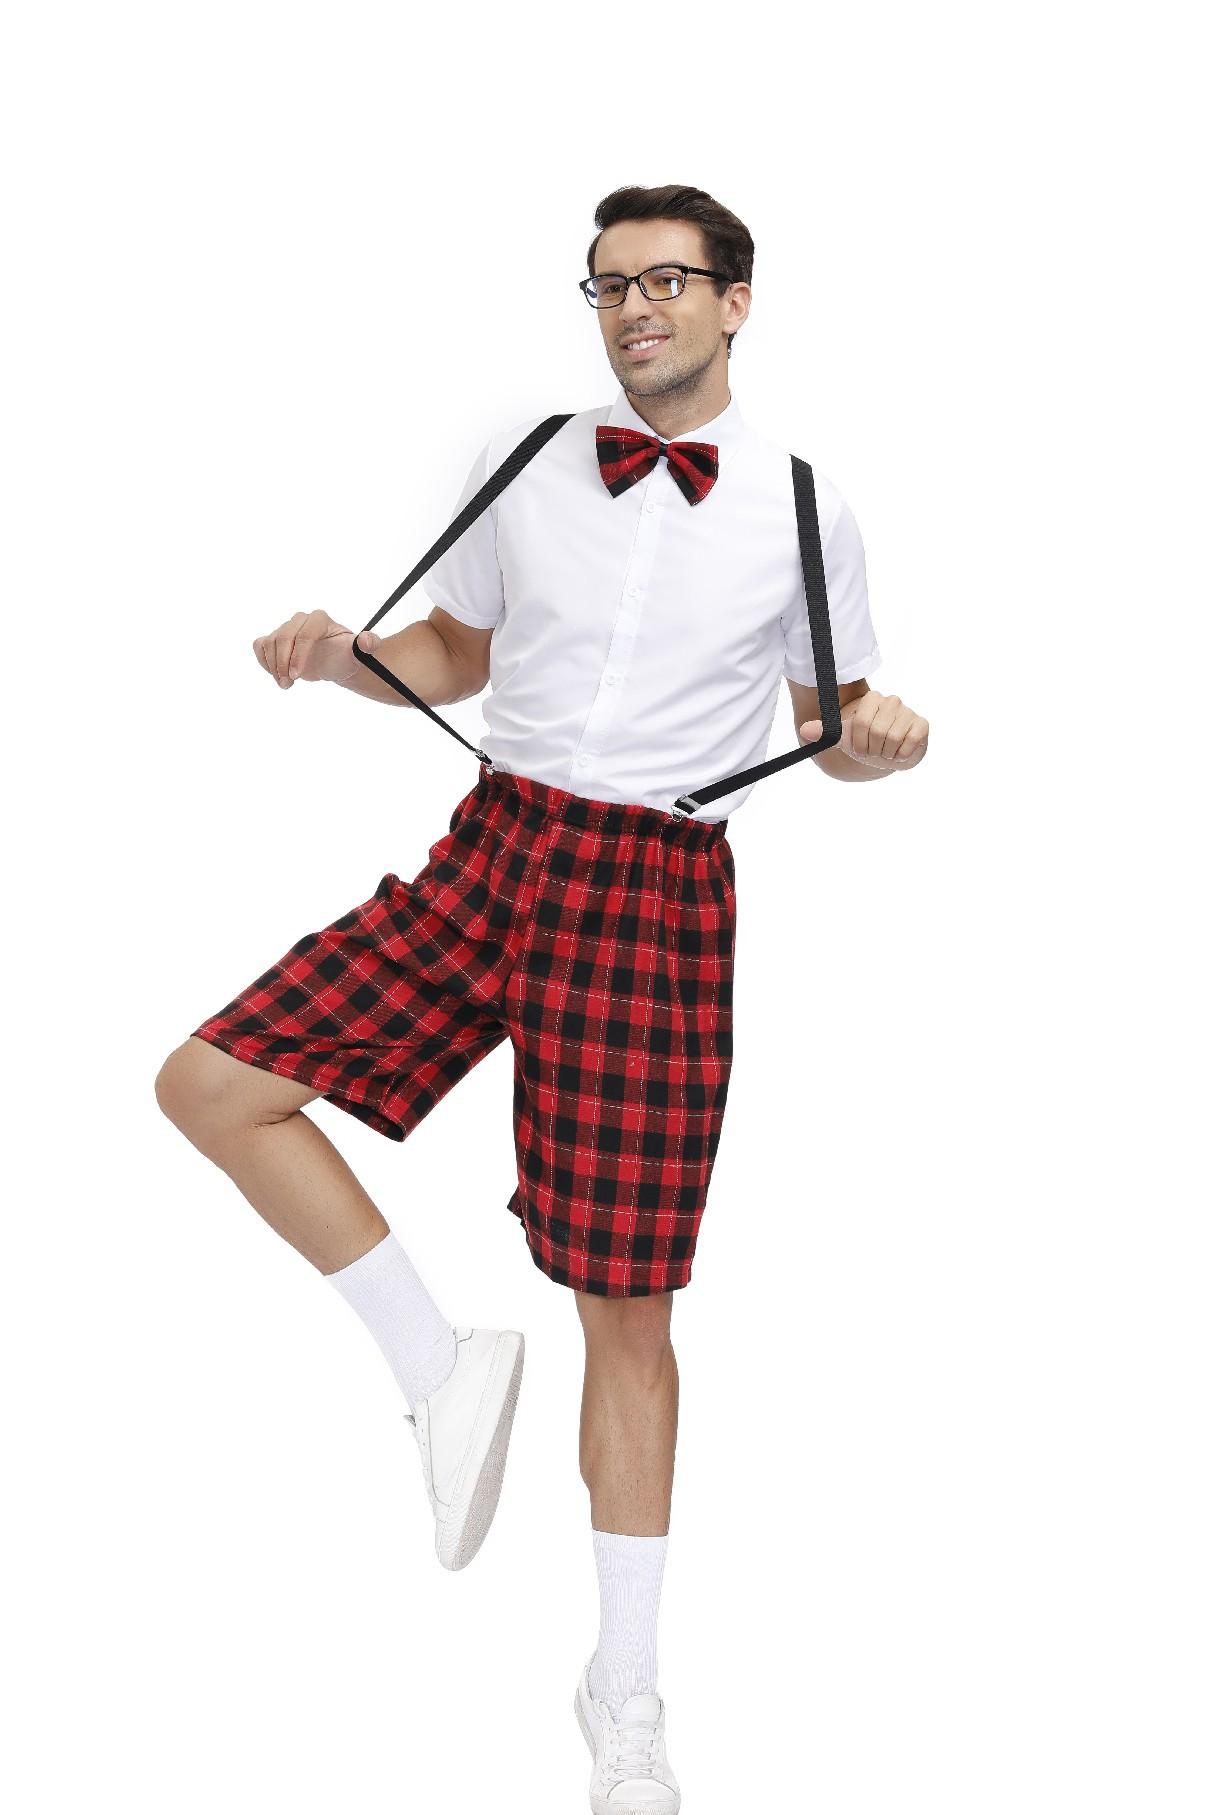 万圣节情侣校服套装夜店学生制服角色扮演服舞台演出服装格子